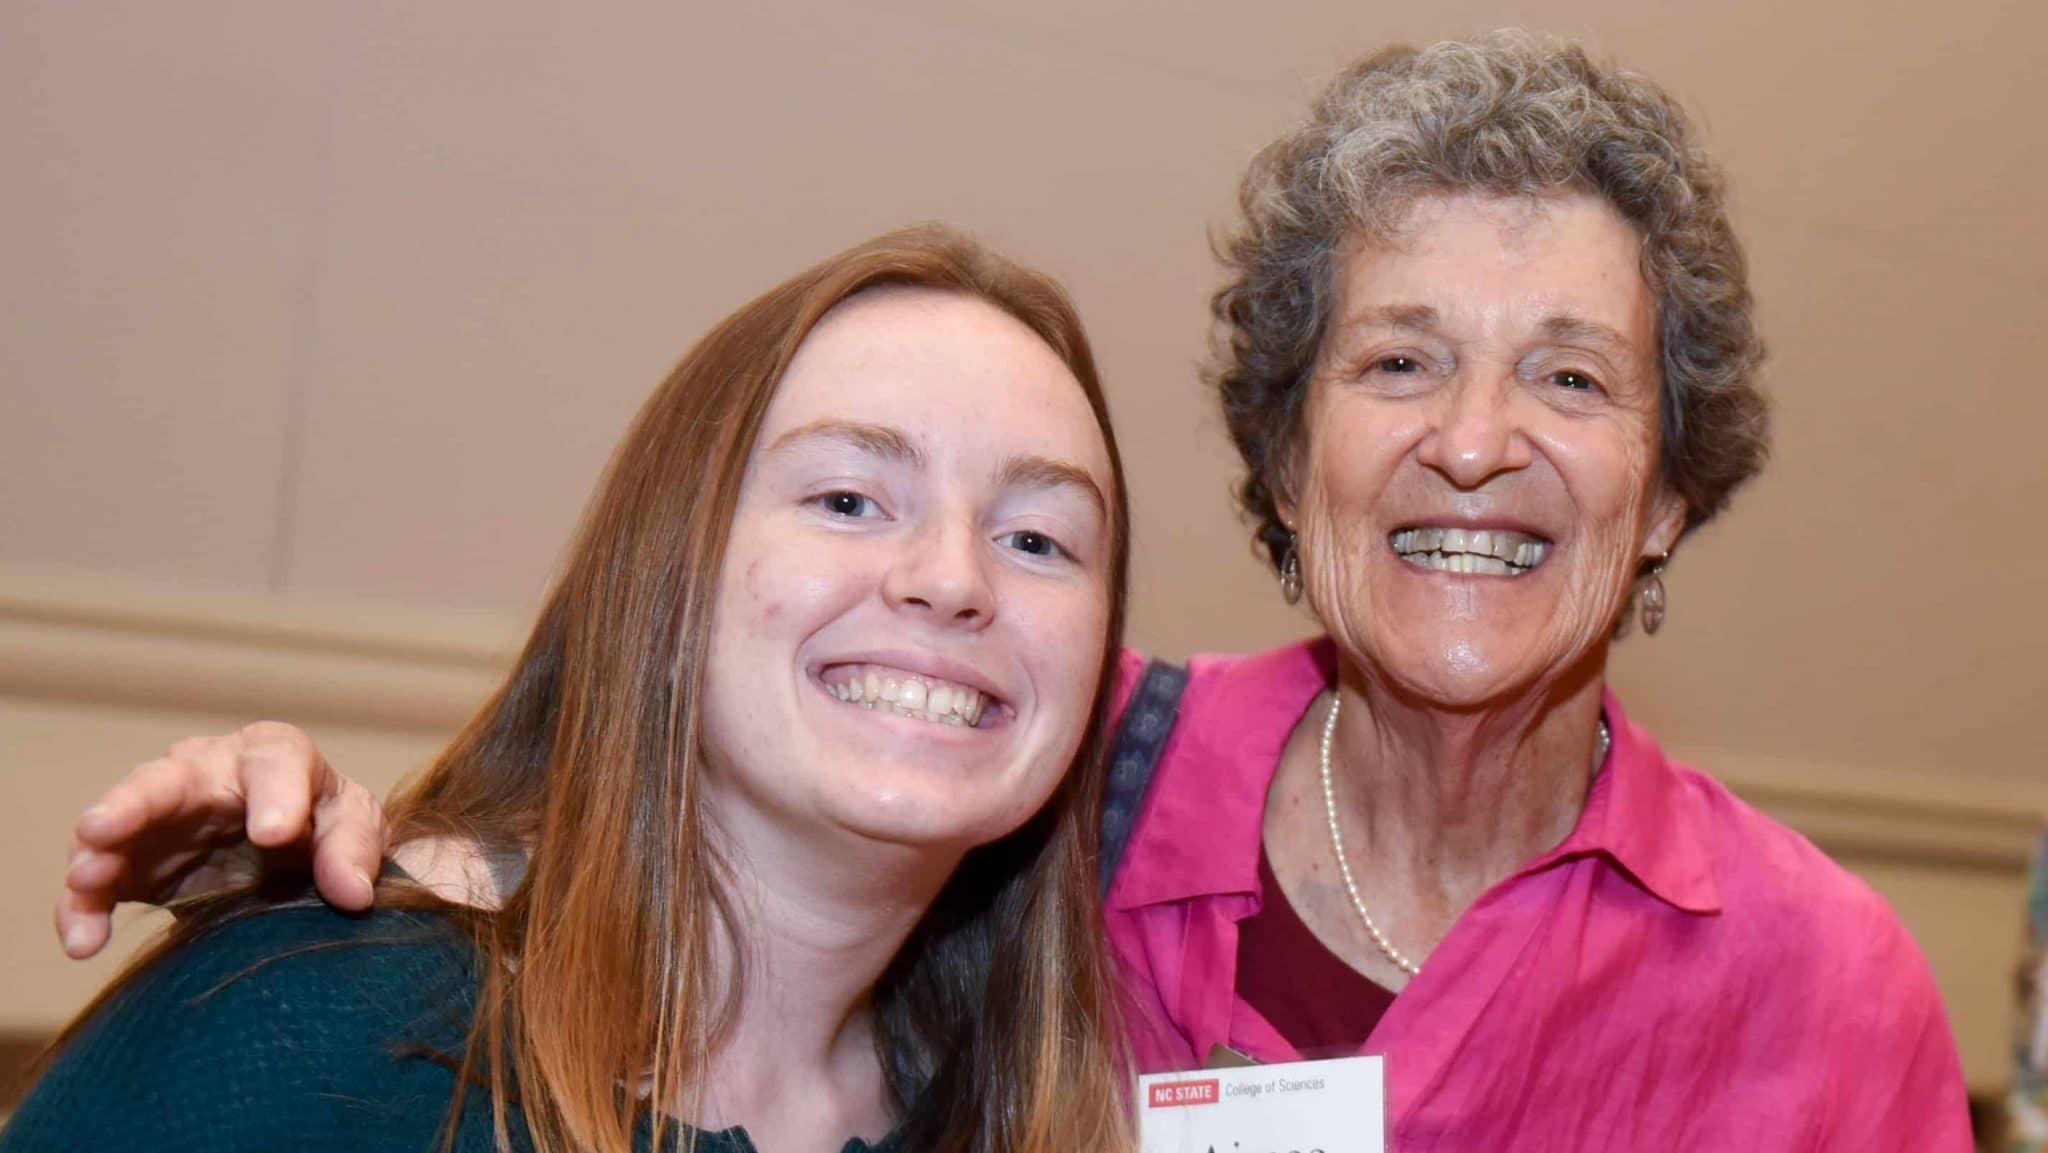 Aimee Tattersall and scholarship holder Kayla Faulk